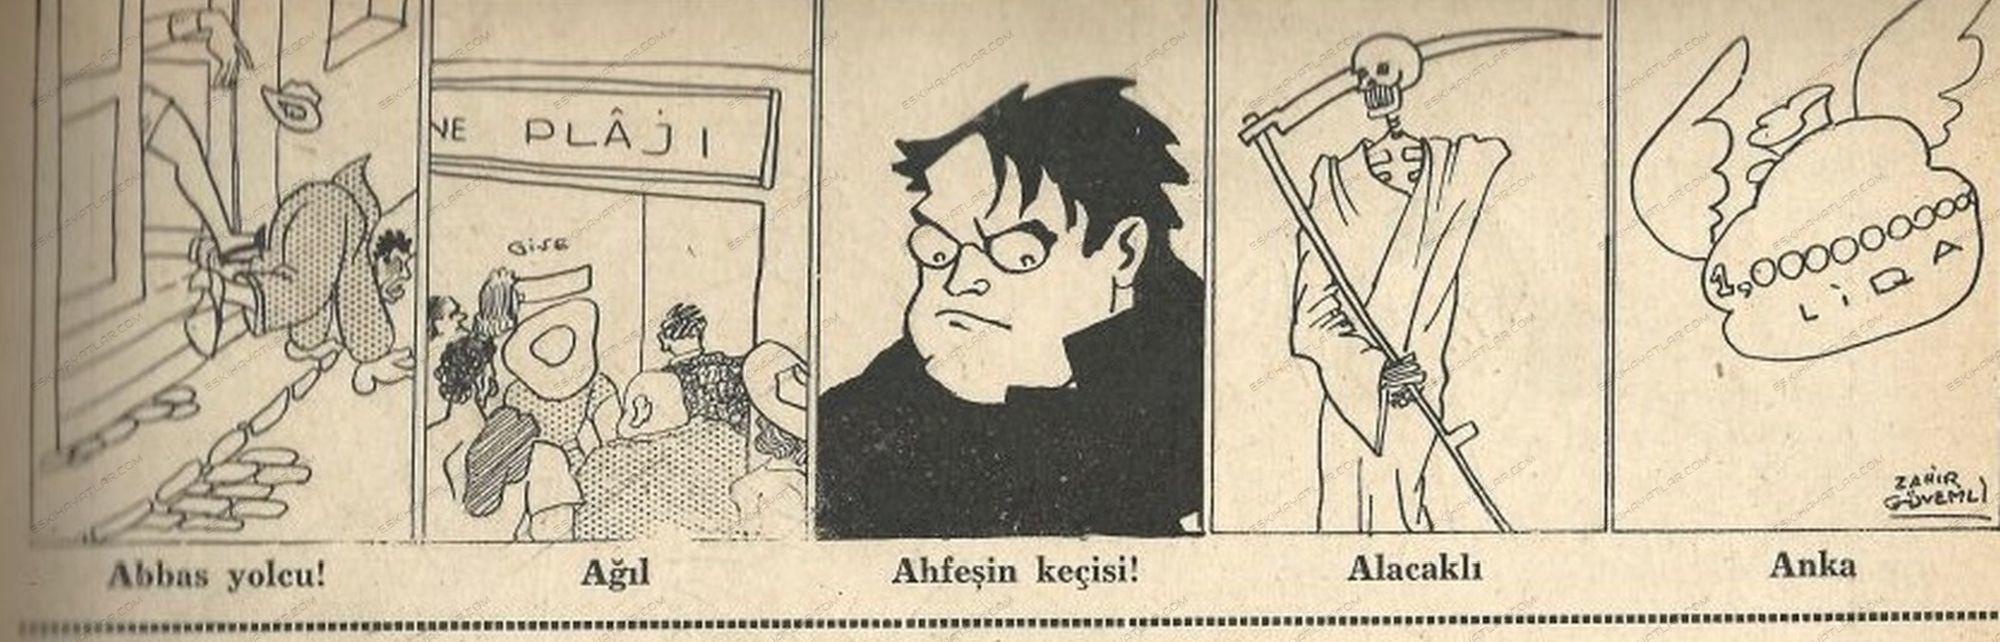 0225-akbaba-dergisi-1938-dersim-olaylari-yusuf-ziya-ortac-akbaba-arsivi (11)